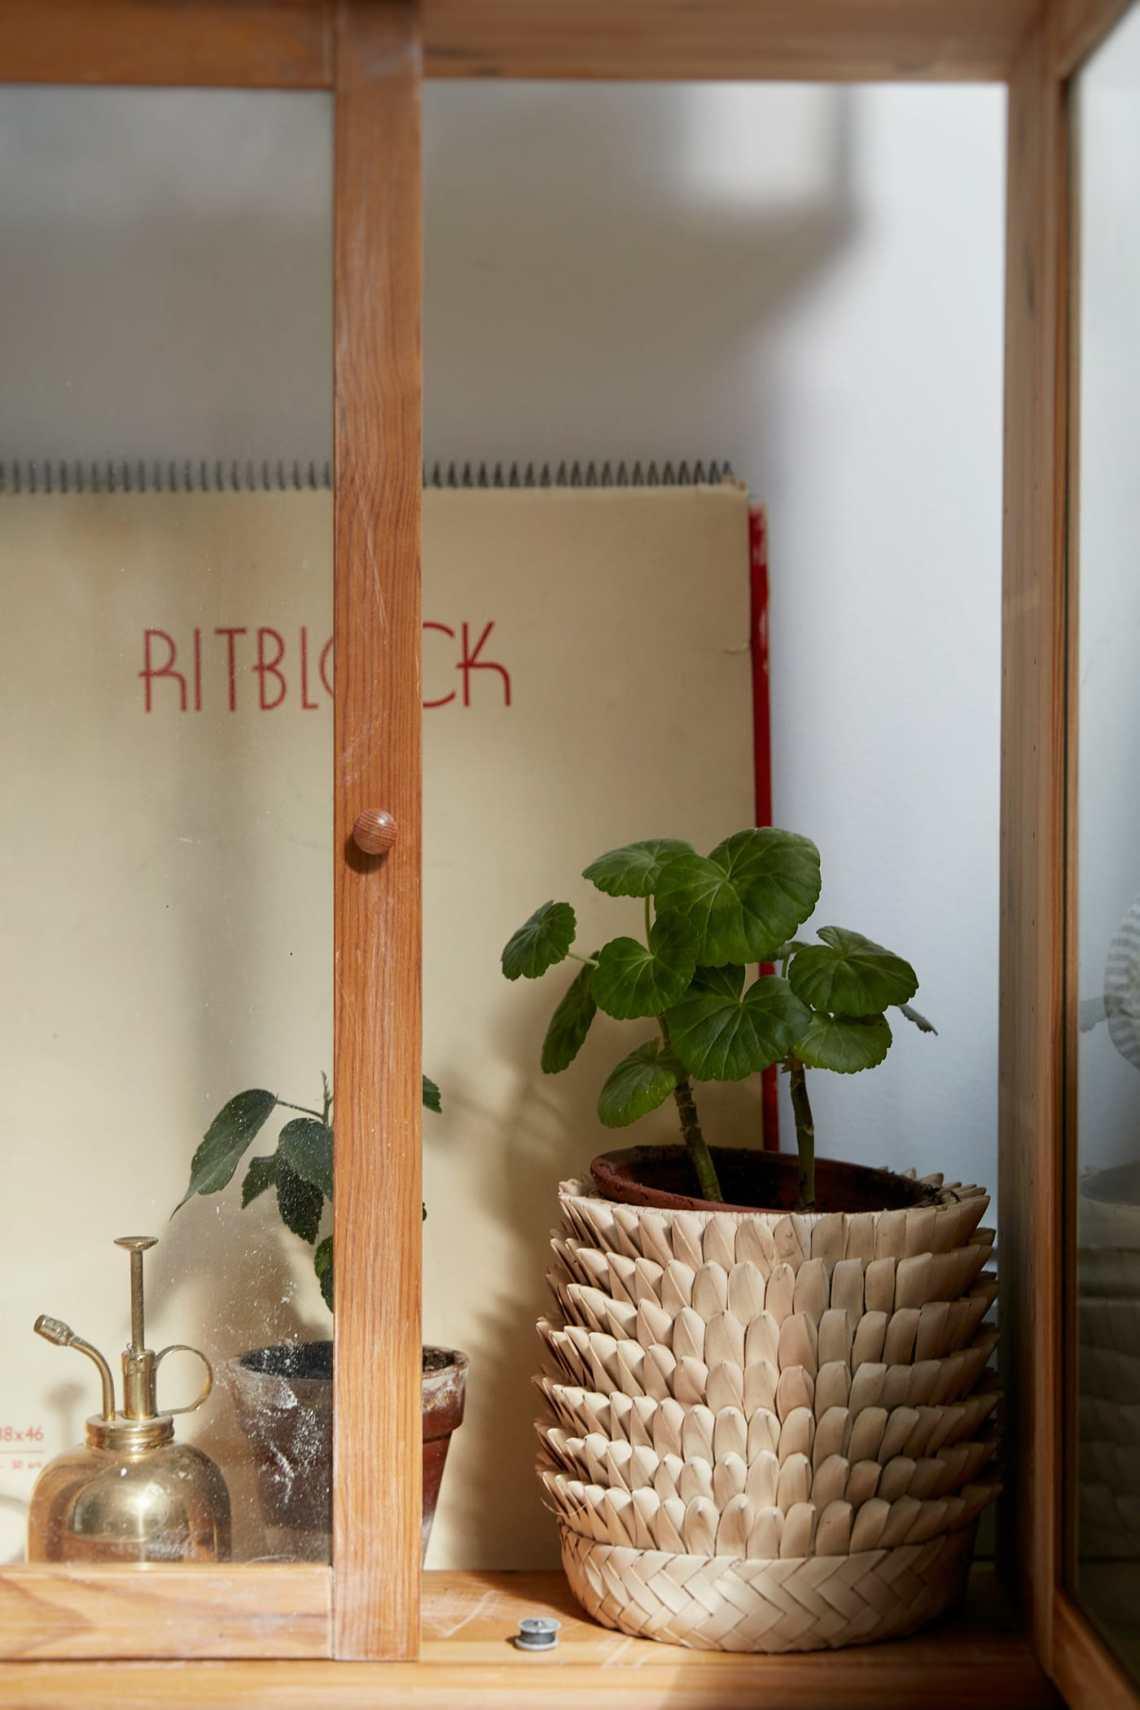 Botanical attic - via cocolapinedesign.com